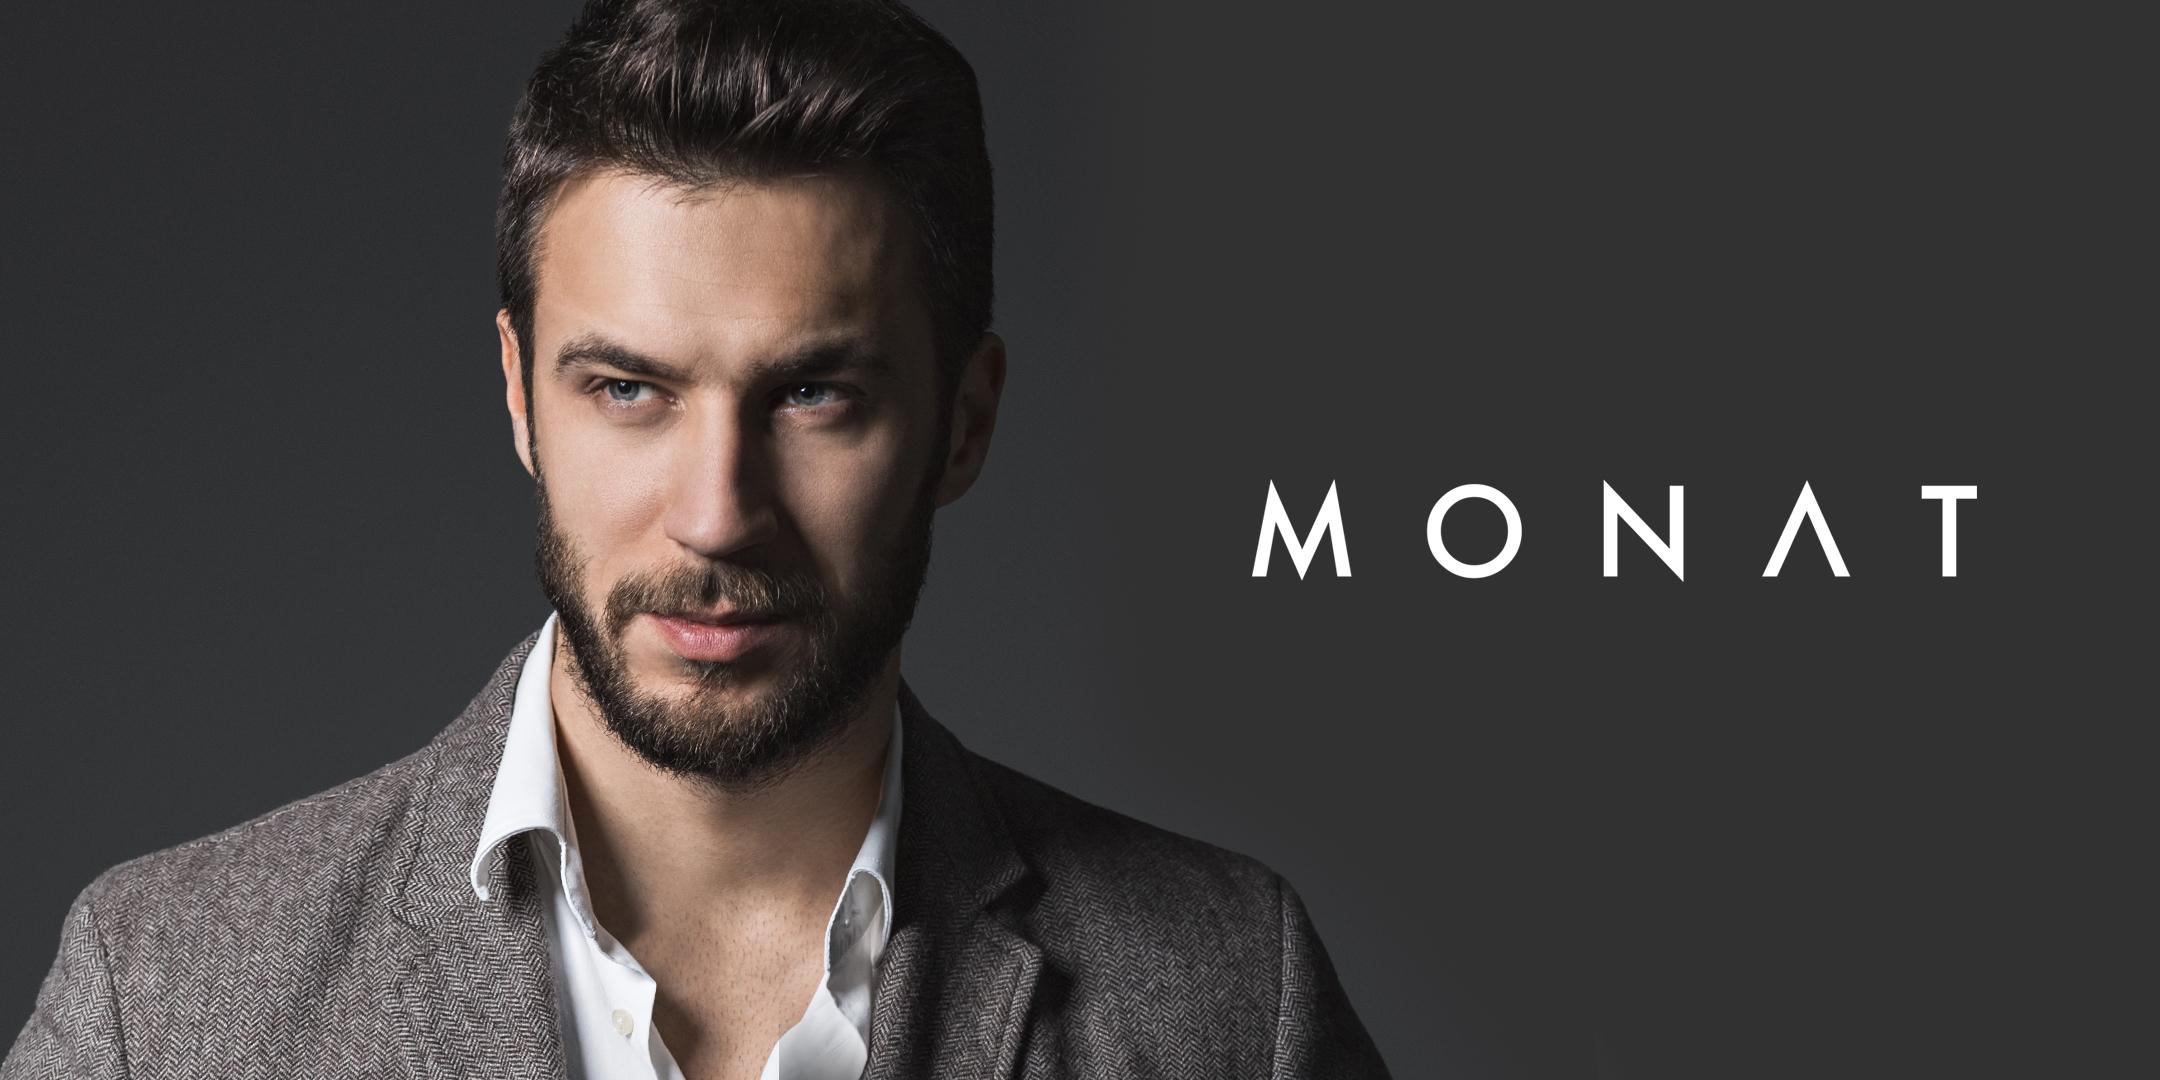 MONAT PRODUITS Capillaires CHUTE de CHEVEUX CALVITIE EXPLICATIONS de la Chute et Perte de Cheveux Alopécie HOMMES et FEMMES.